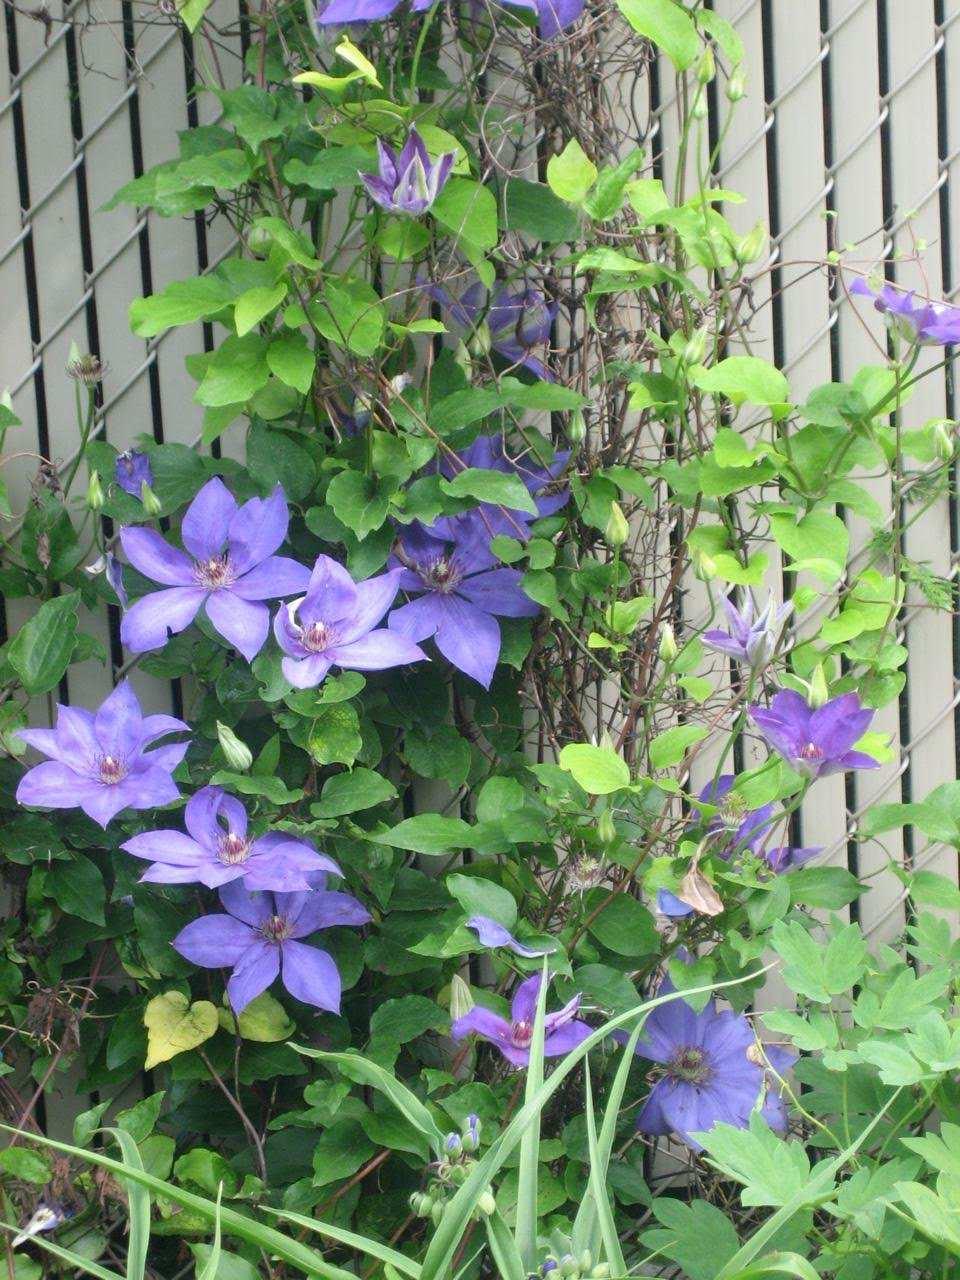 Blue flowering perennials